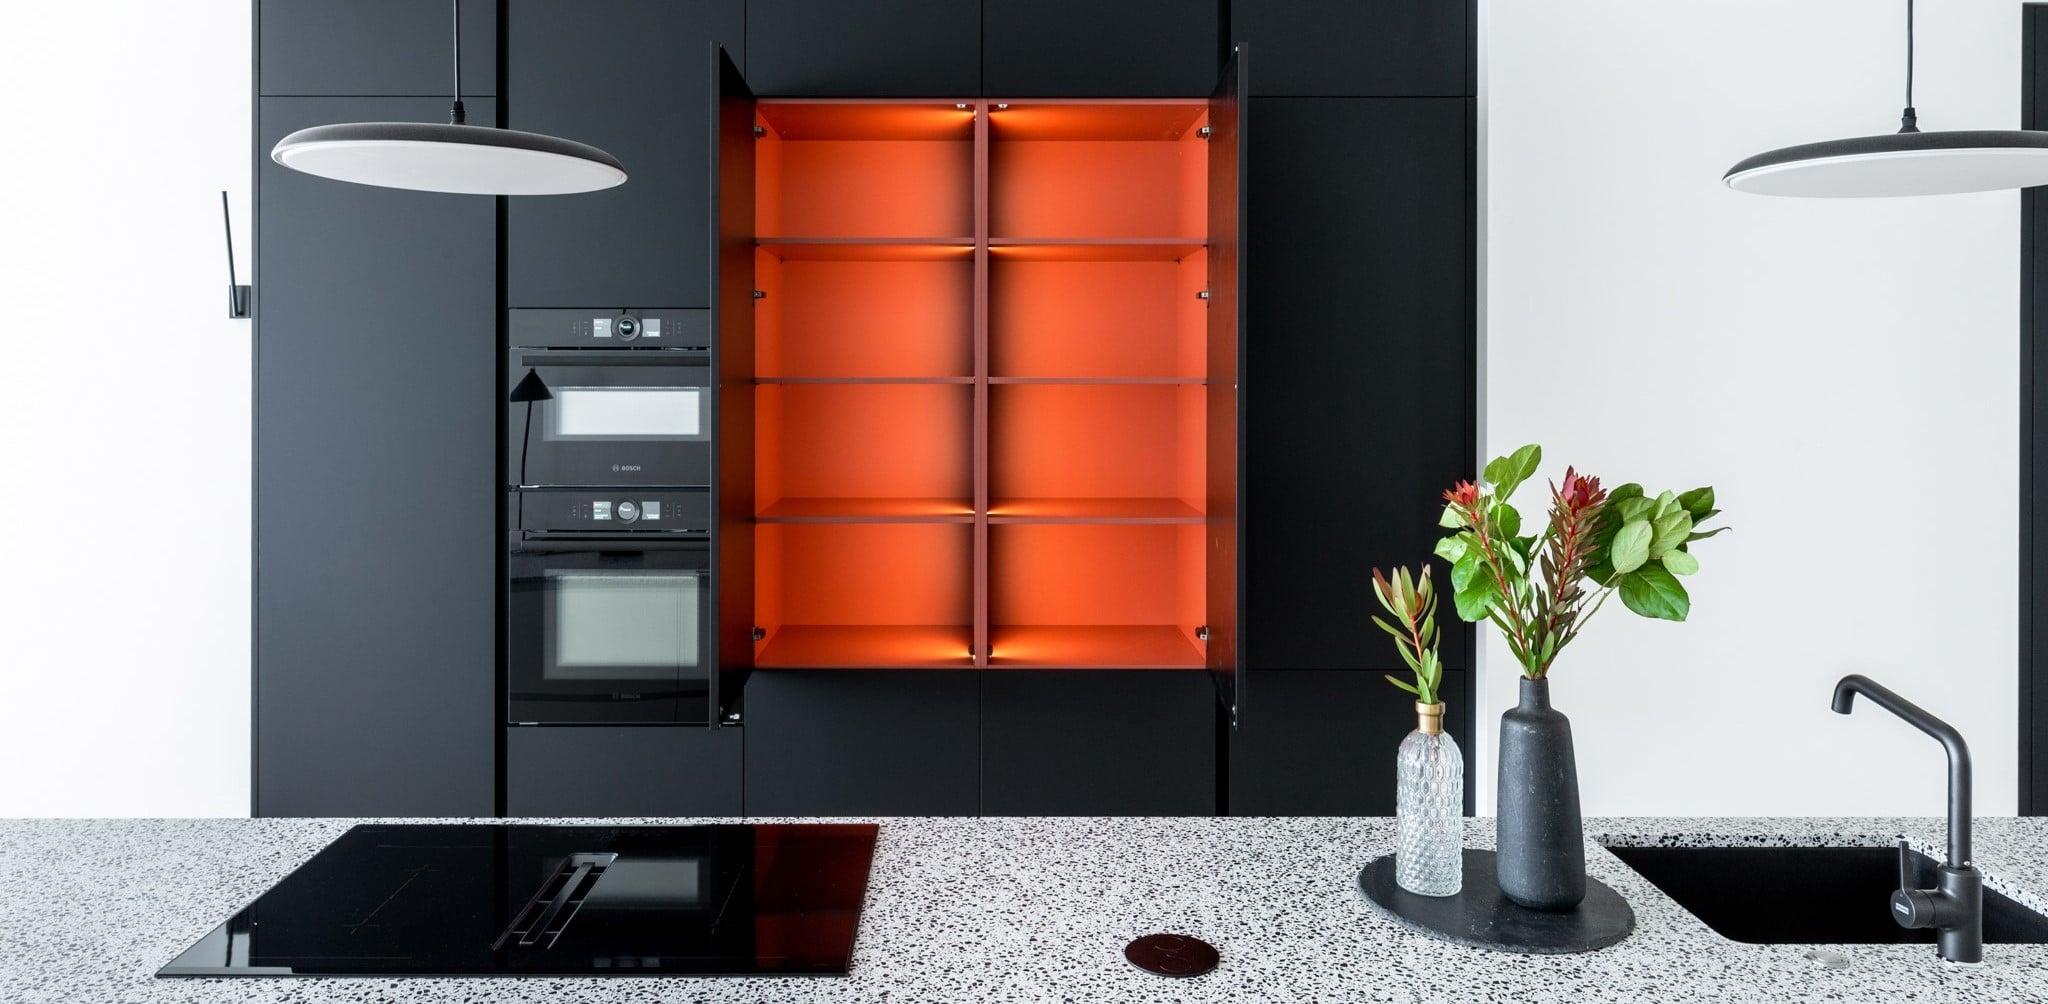 Dizainera ieteikumi īpašam virtuves dizainam